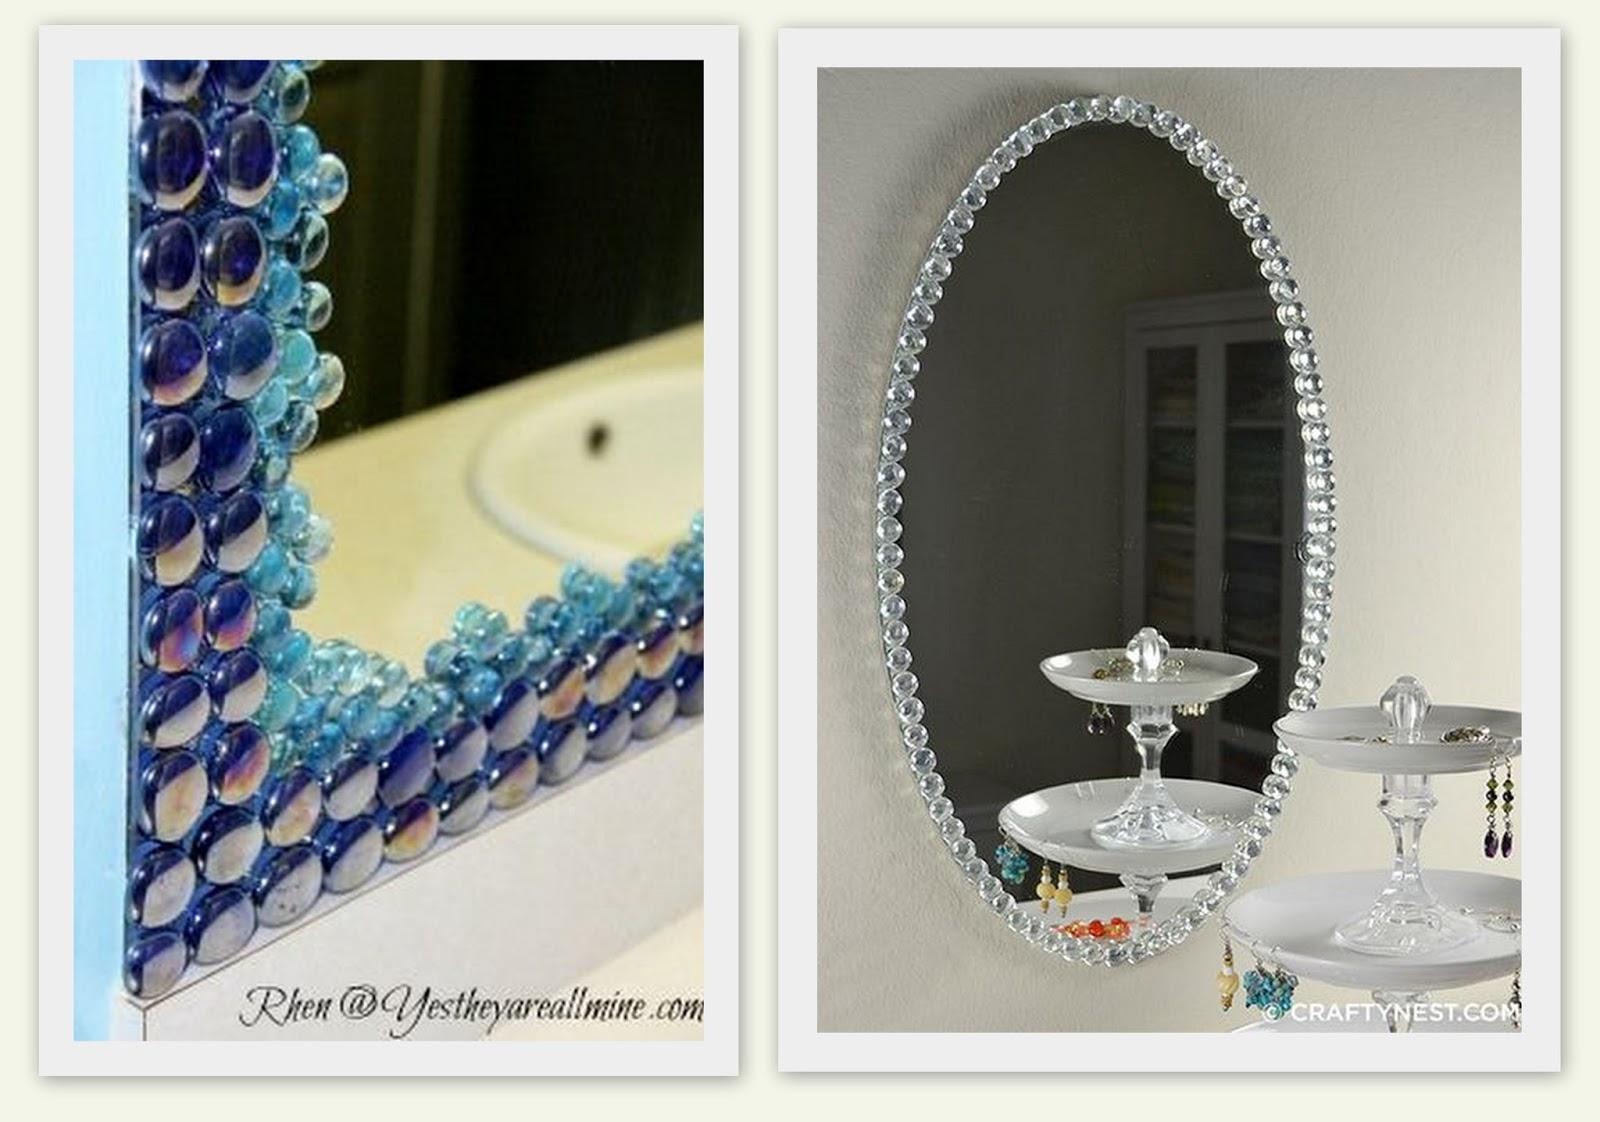 Reformar espelho do banheiro 4 idéias BBB *Decoração e  #2D3D68 1600x1122 Banheiro Bbb